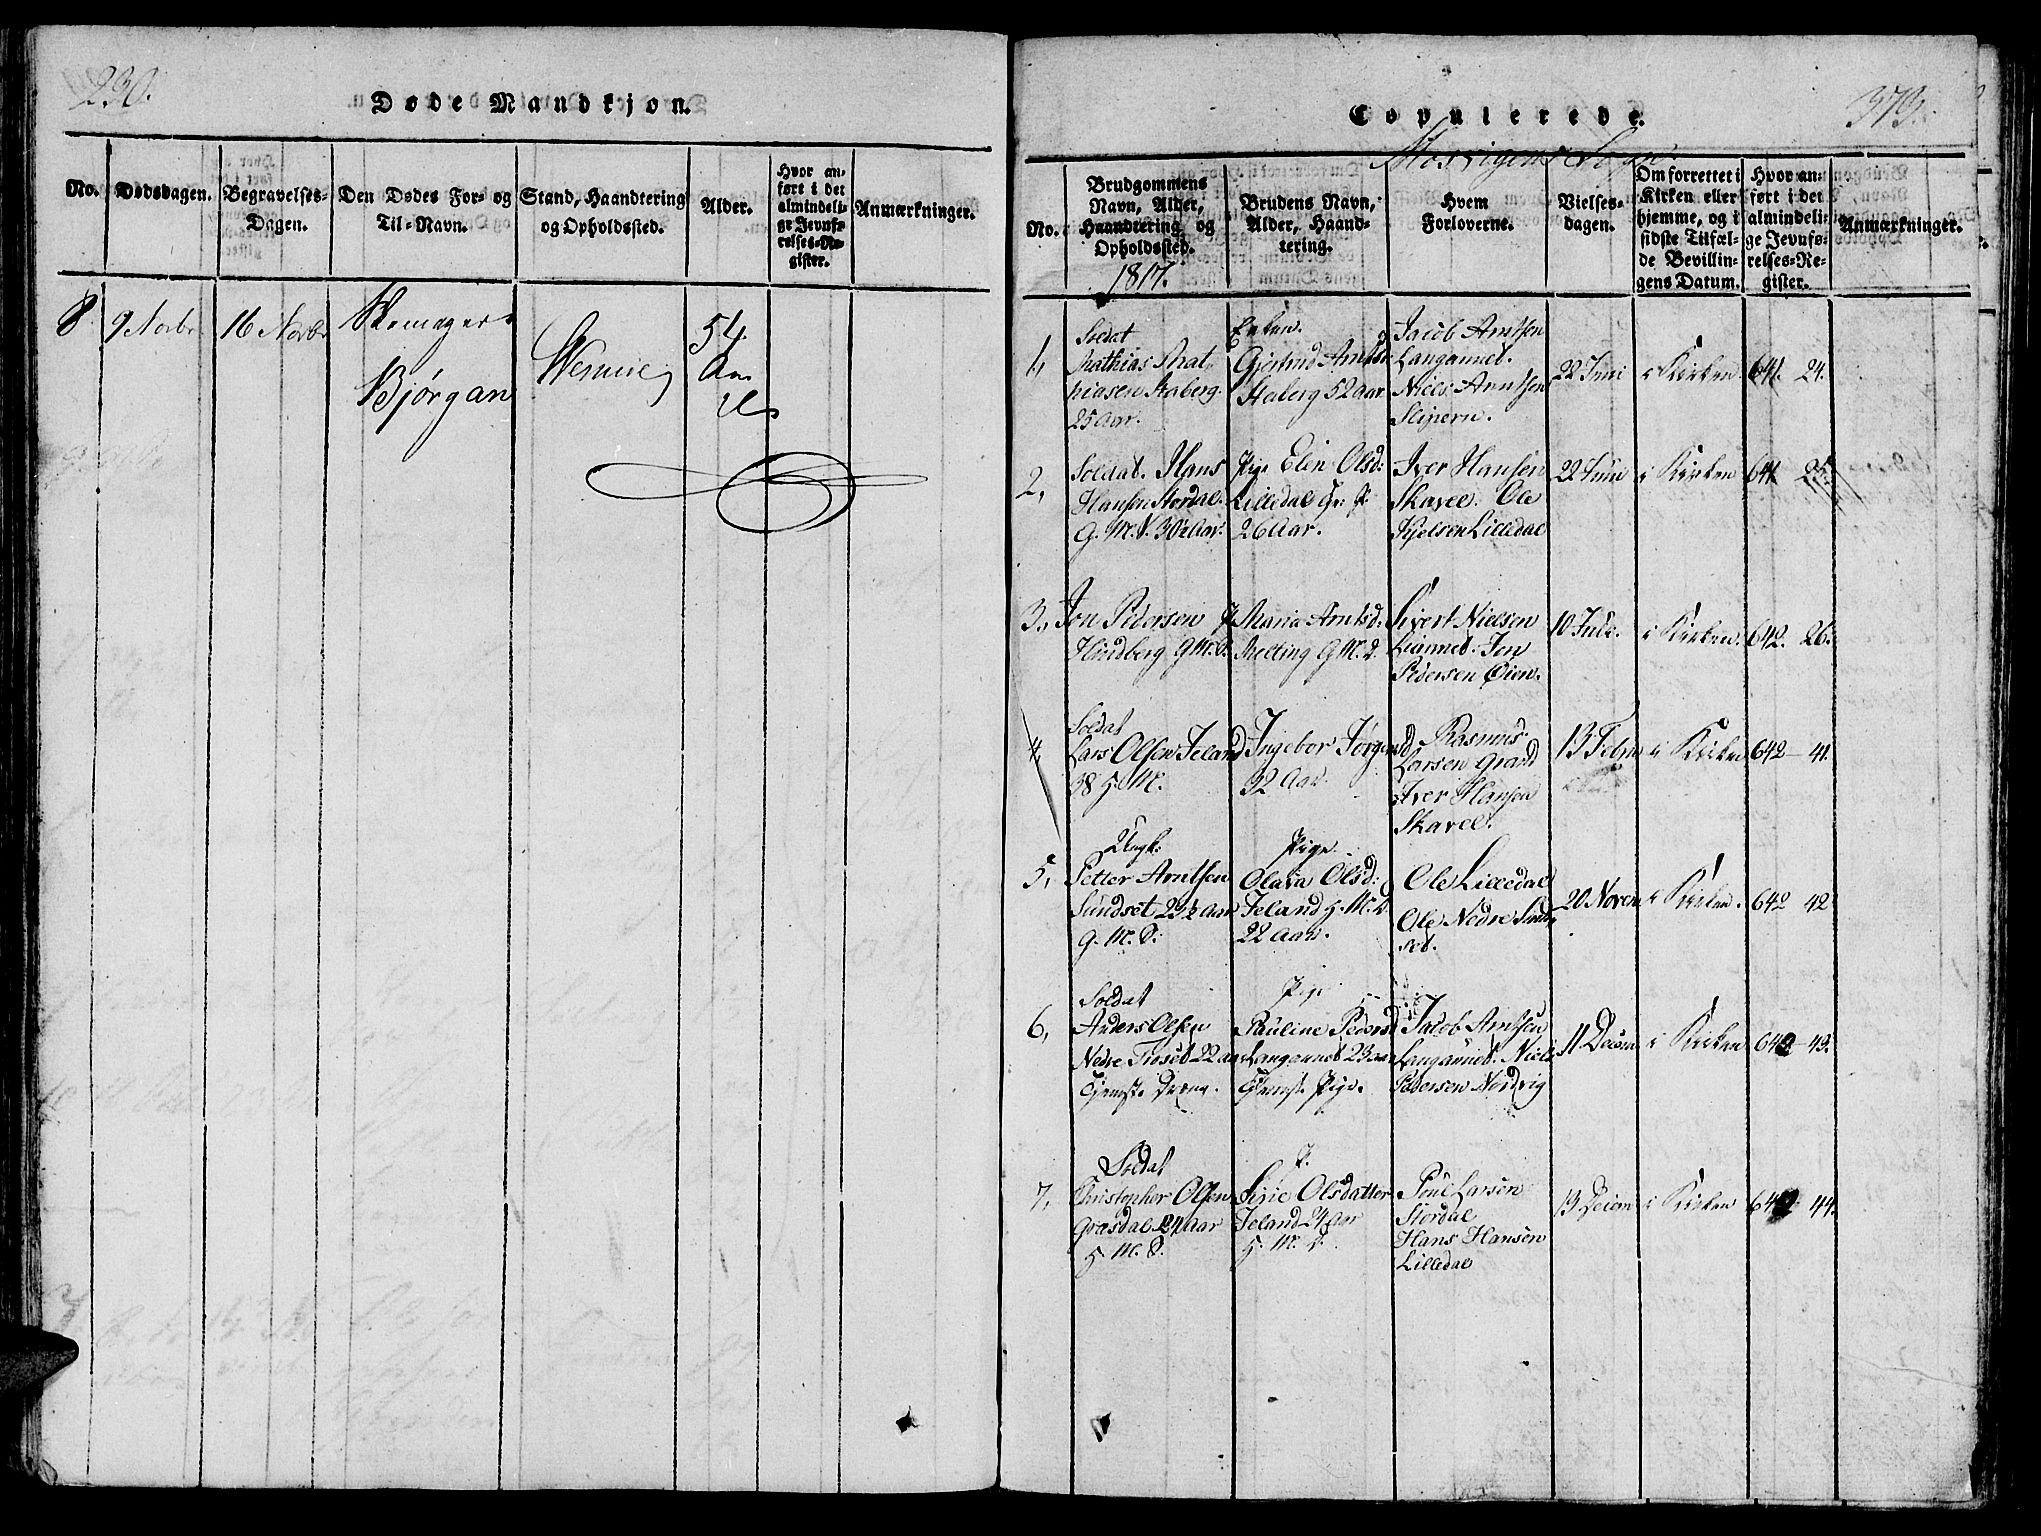 SAT, Ministerialprotokoller, klokkerbøker og fødselsregistre - Nord-Trøndelag, 733/L0322: Ministerialbok nr. 733A01, 1817-1842, s. 230-373